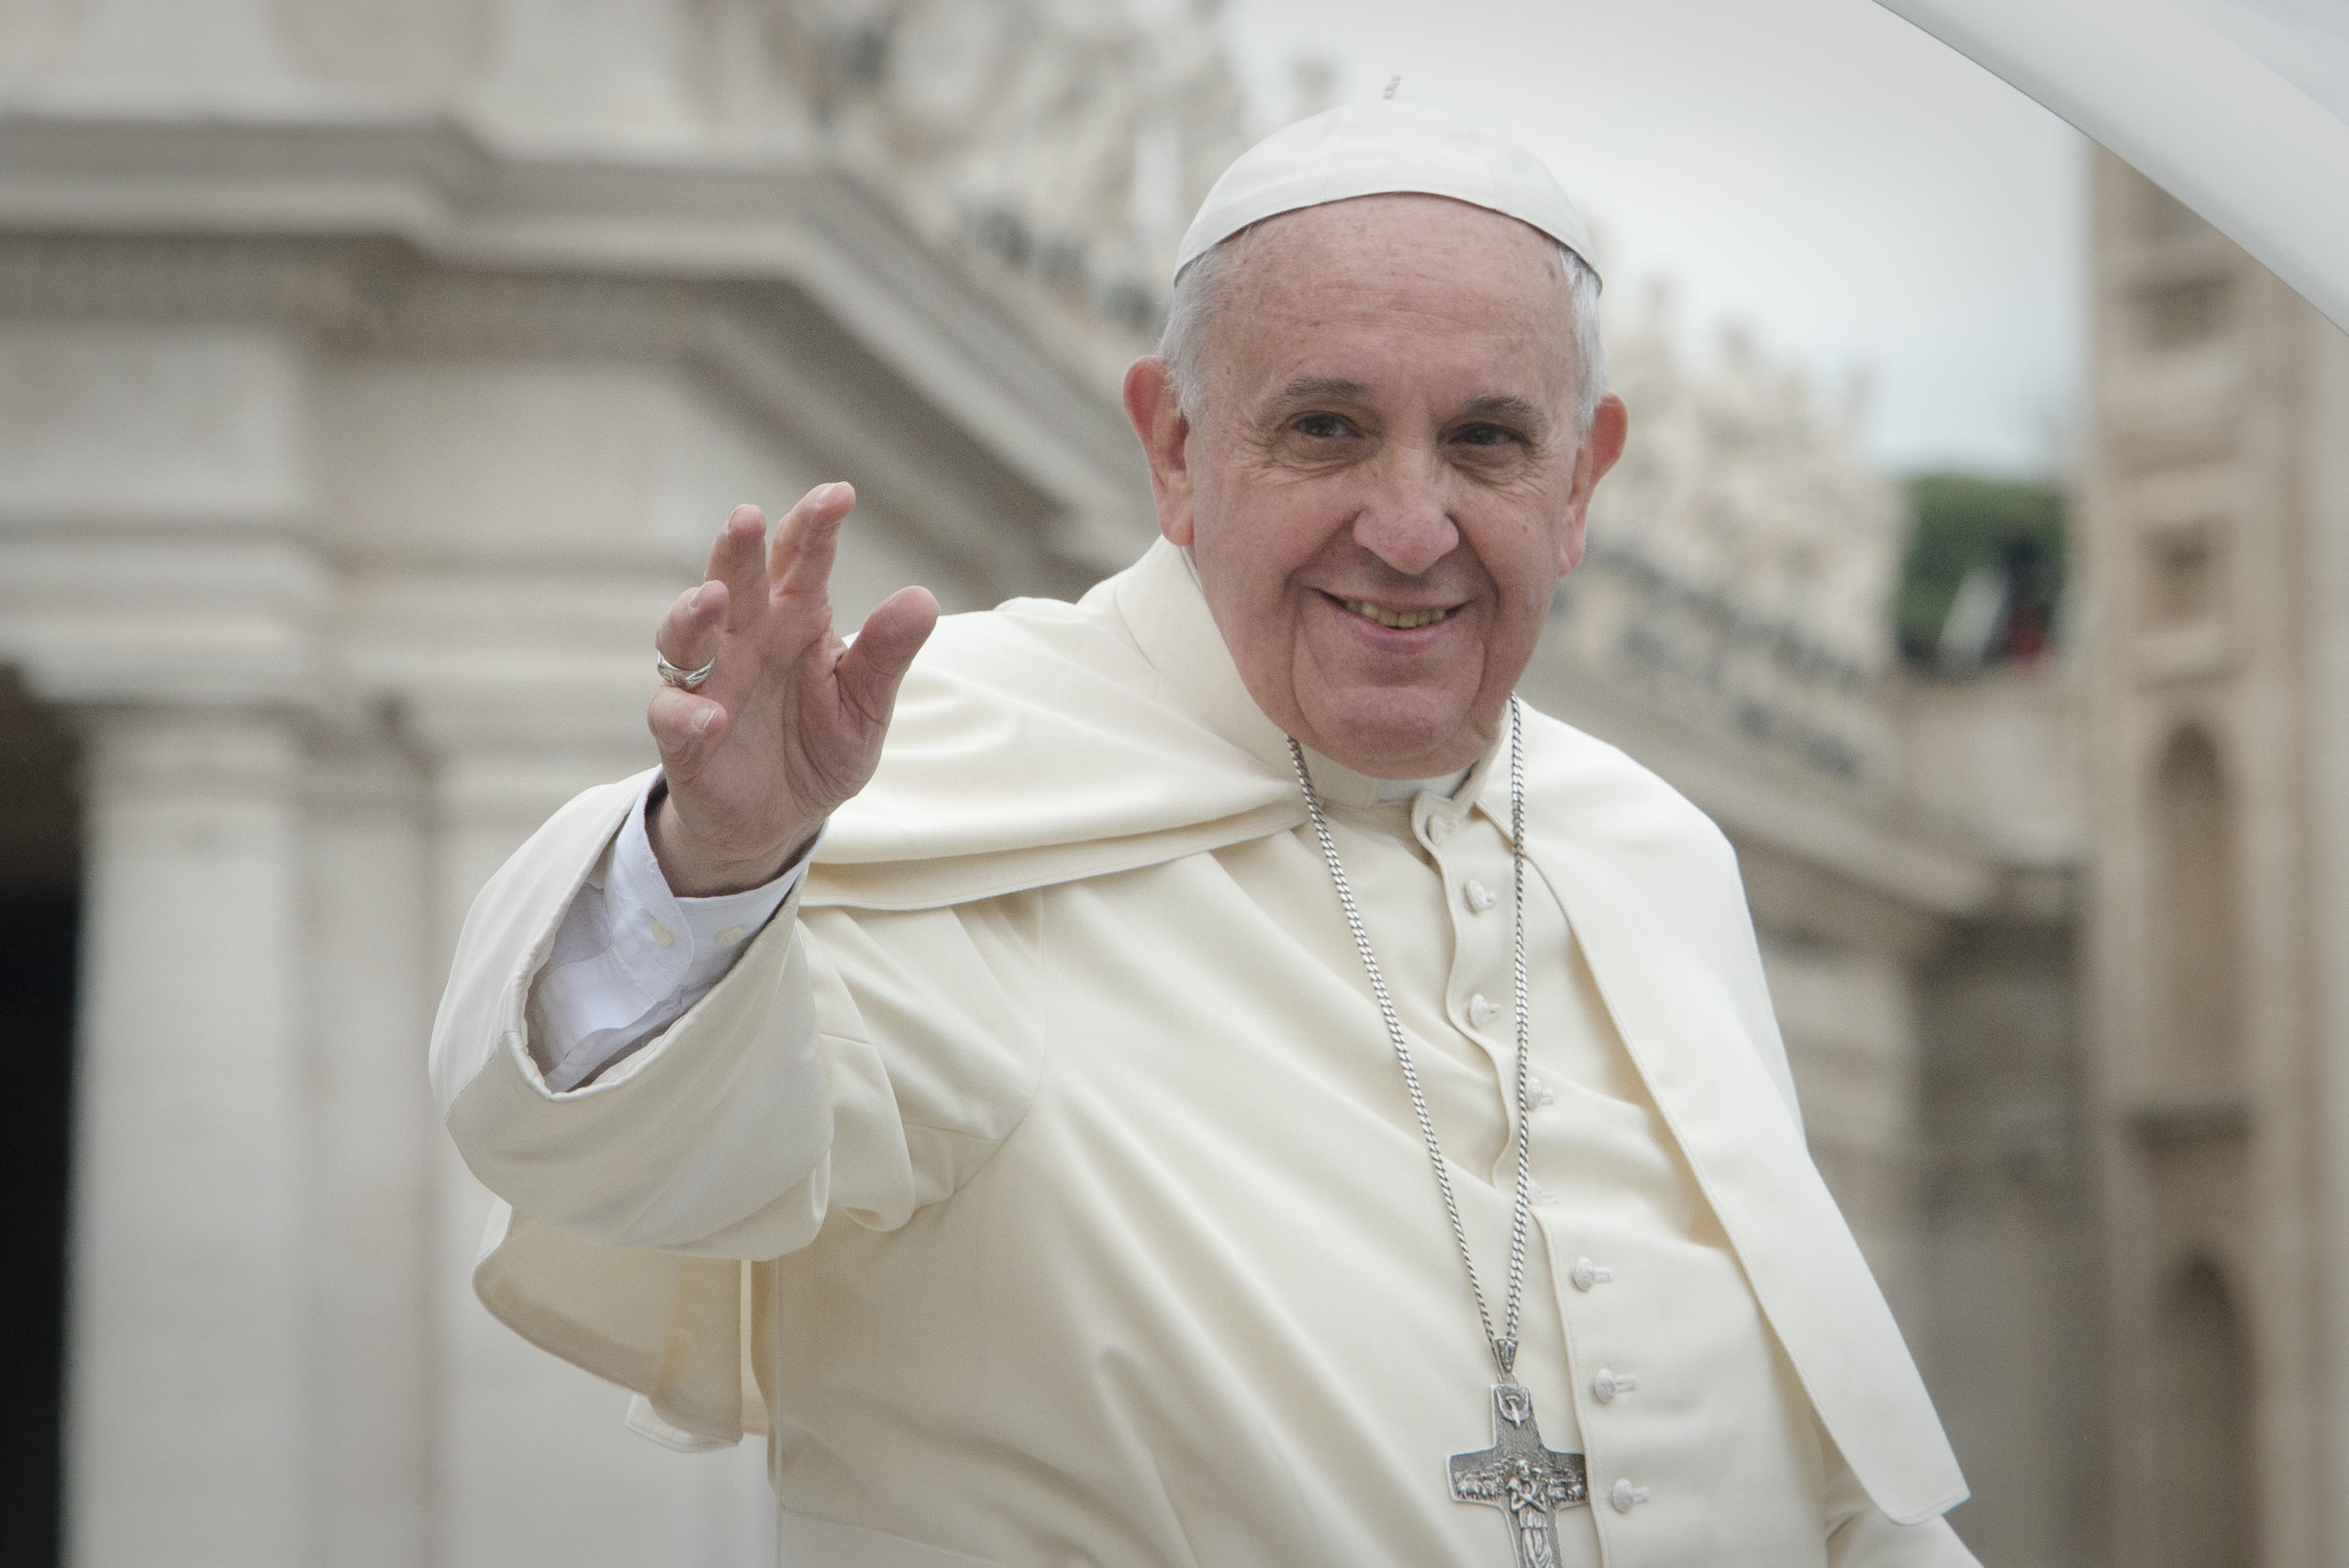 Papież Franciszek: Osaczeni przez świat możemy zatracić smak ciszy